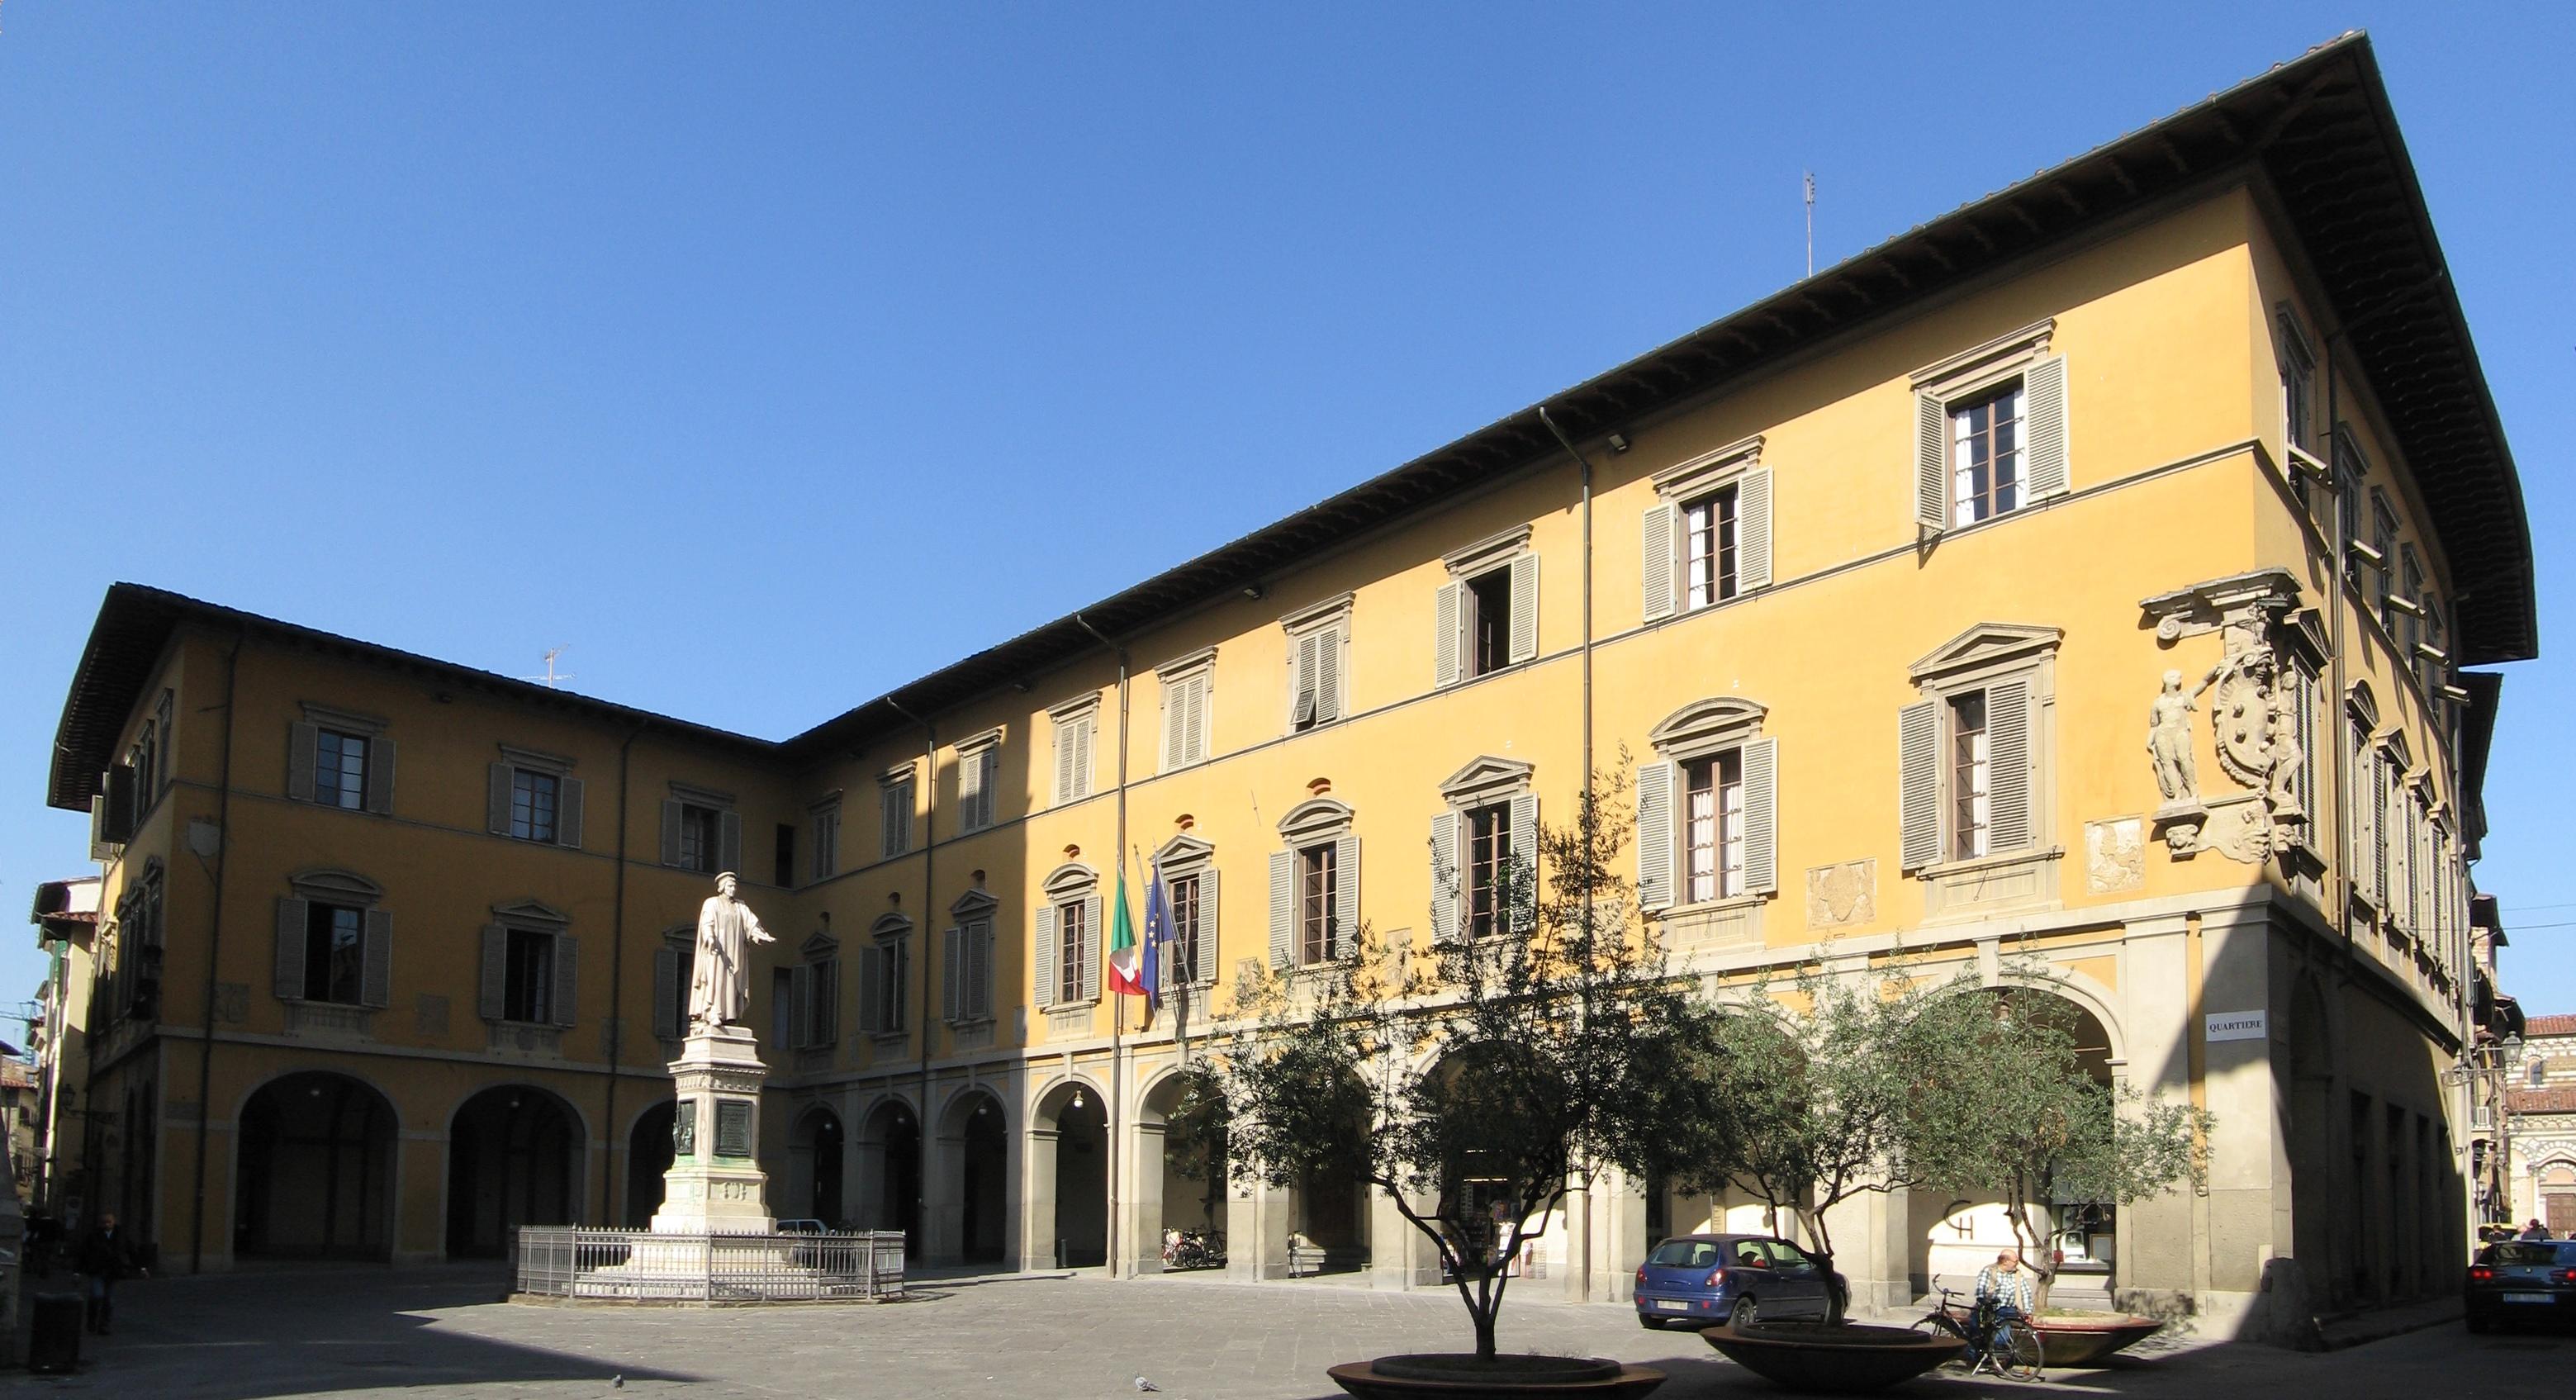 Ufficio Anagrafe A Prato : Festività natalizie orari e chiusure degli uffici comunali tv prato